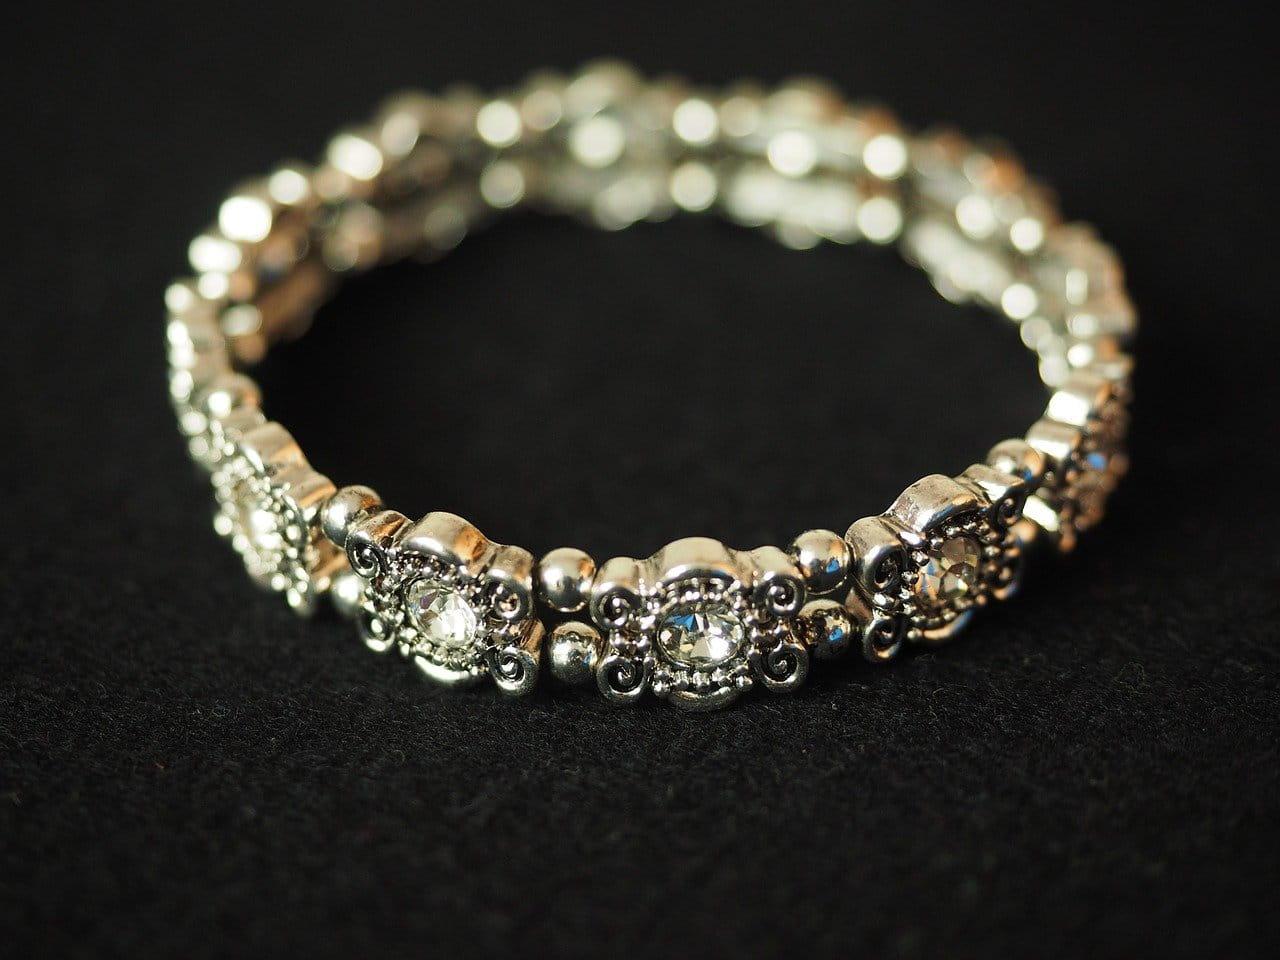 A diamond bangle bracelet for her wedding gift